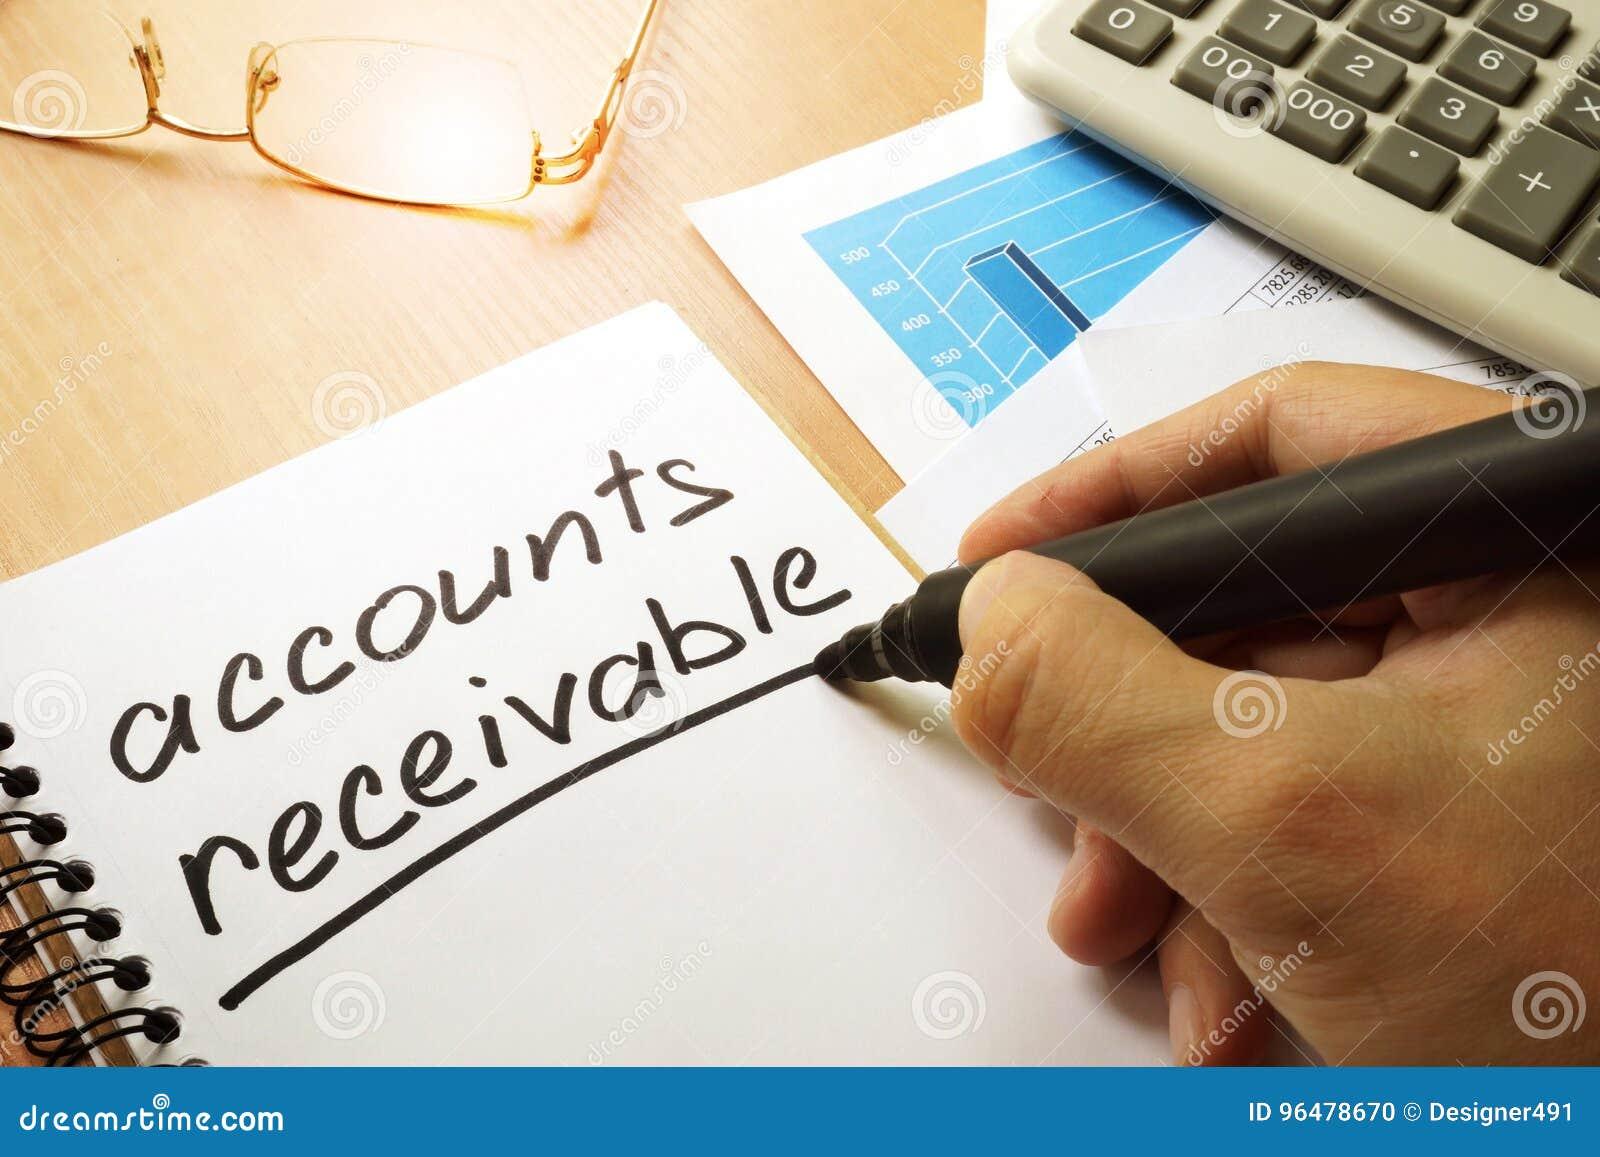 Cuentas por cobrar foto de archivo. Imagen de remuneración - 96478670